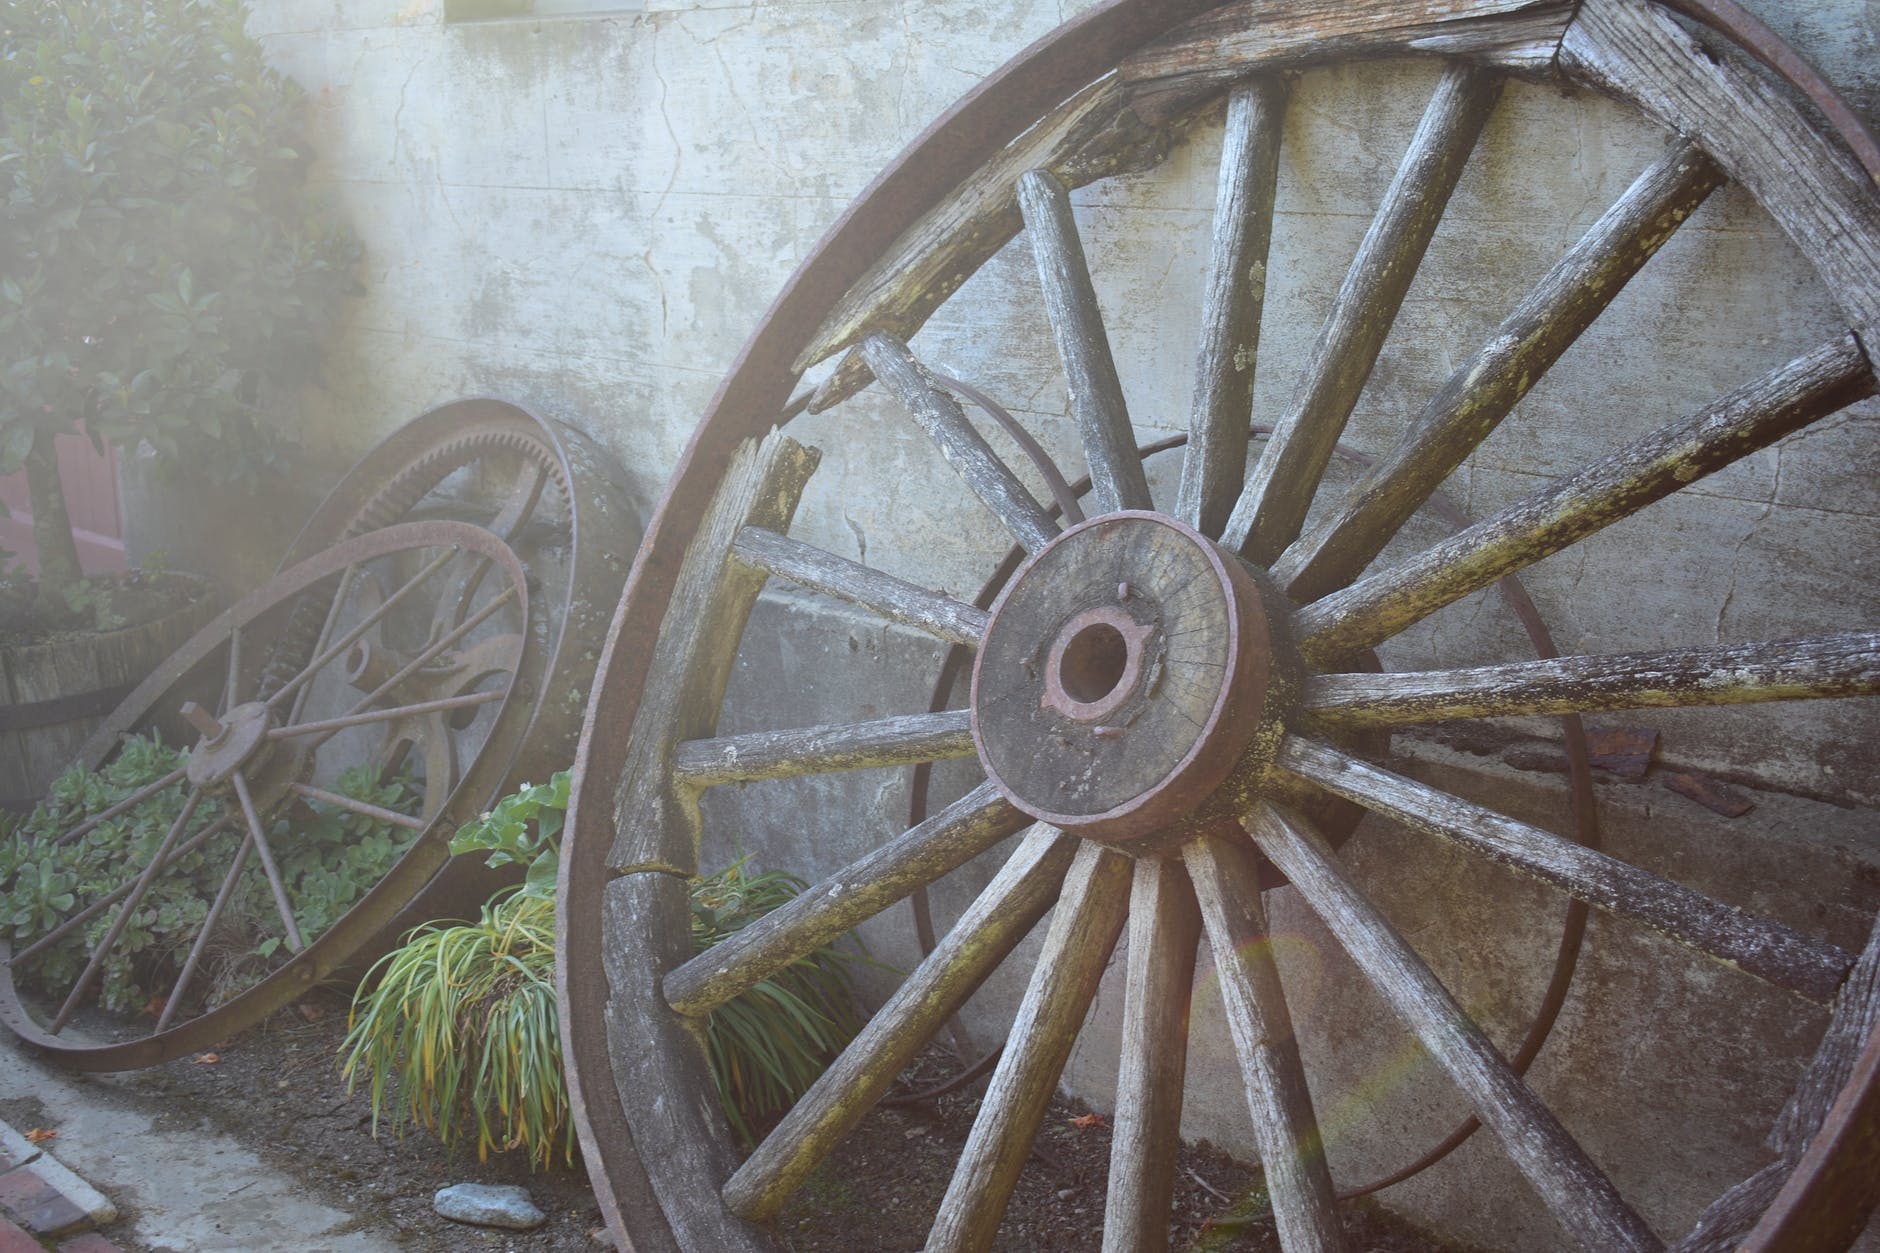 gray multi spoke wheel leaning on wall